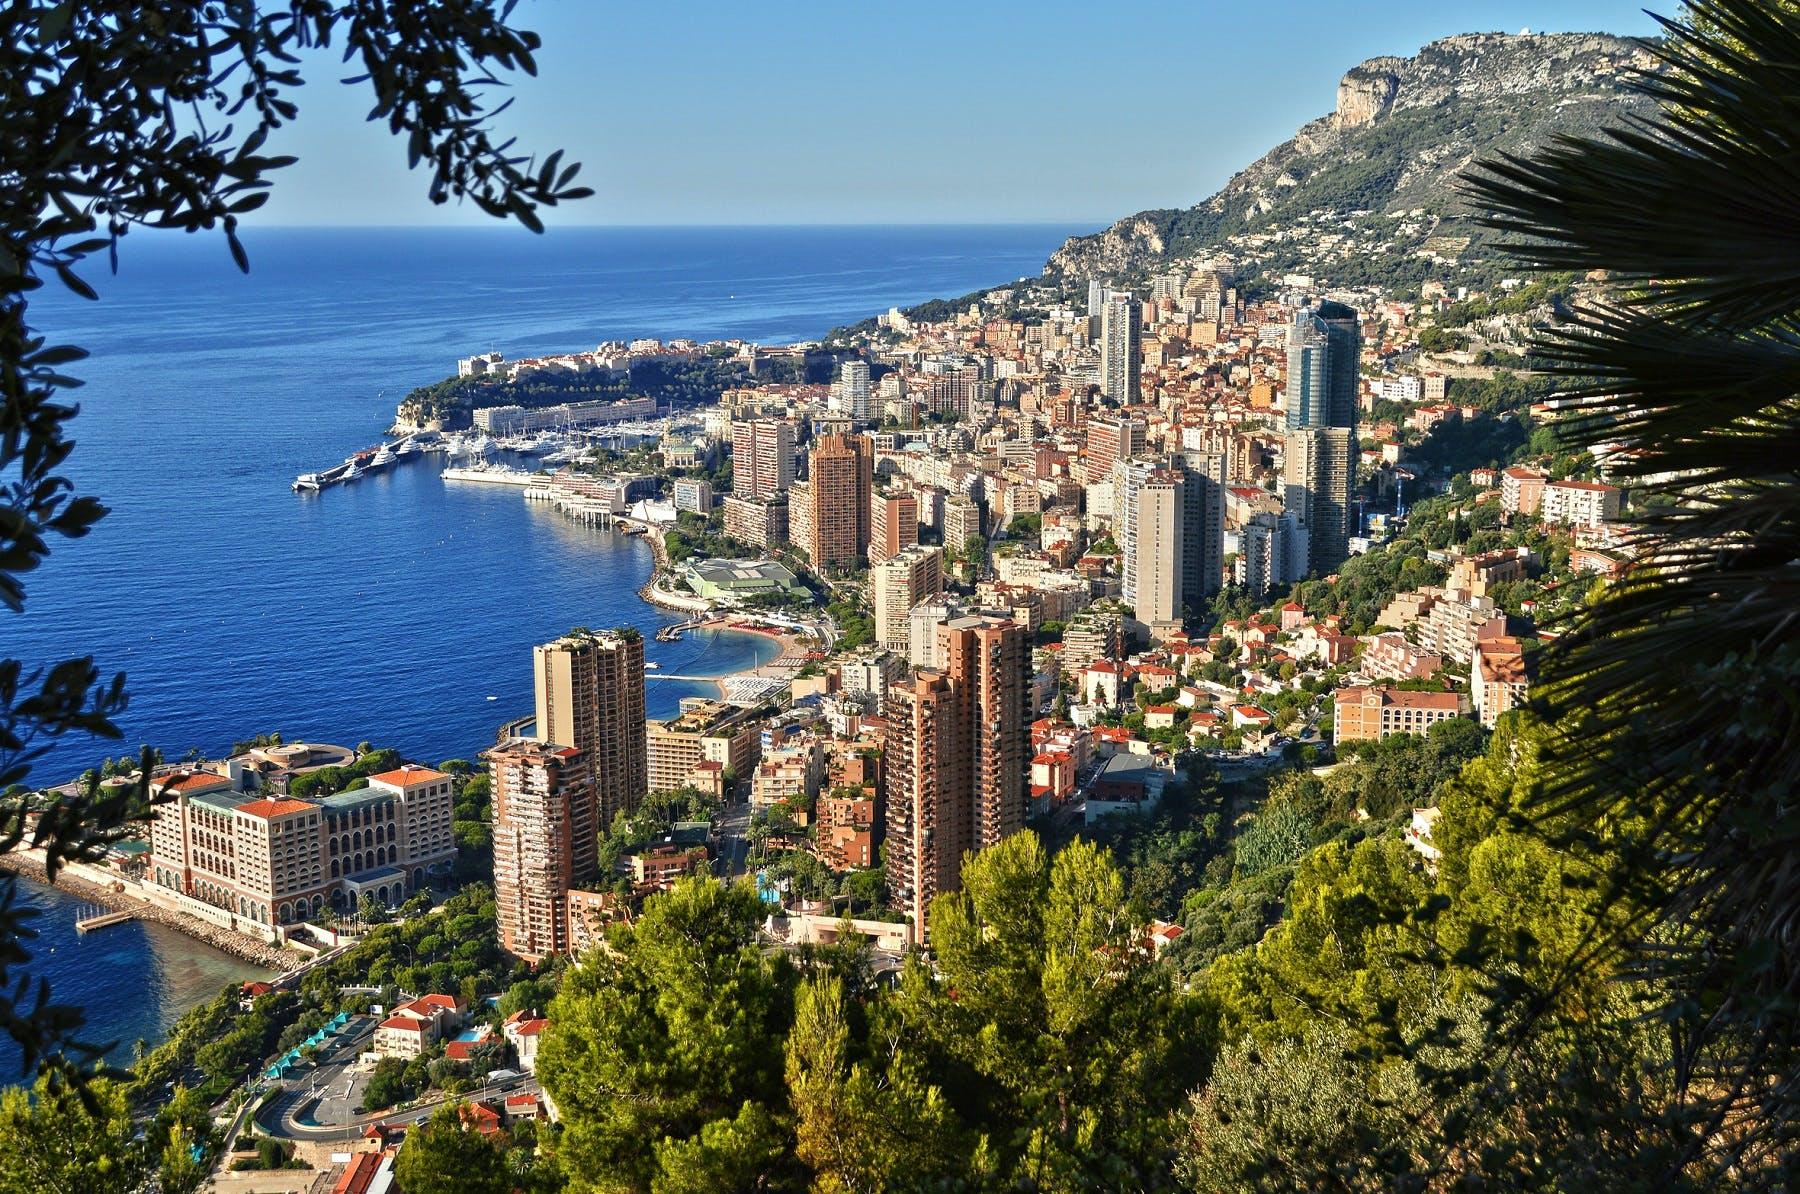 Tickets, museos, atracciones,Entradas a atracciones principales,Excursión a Mónaco,Excursión a Èze